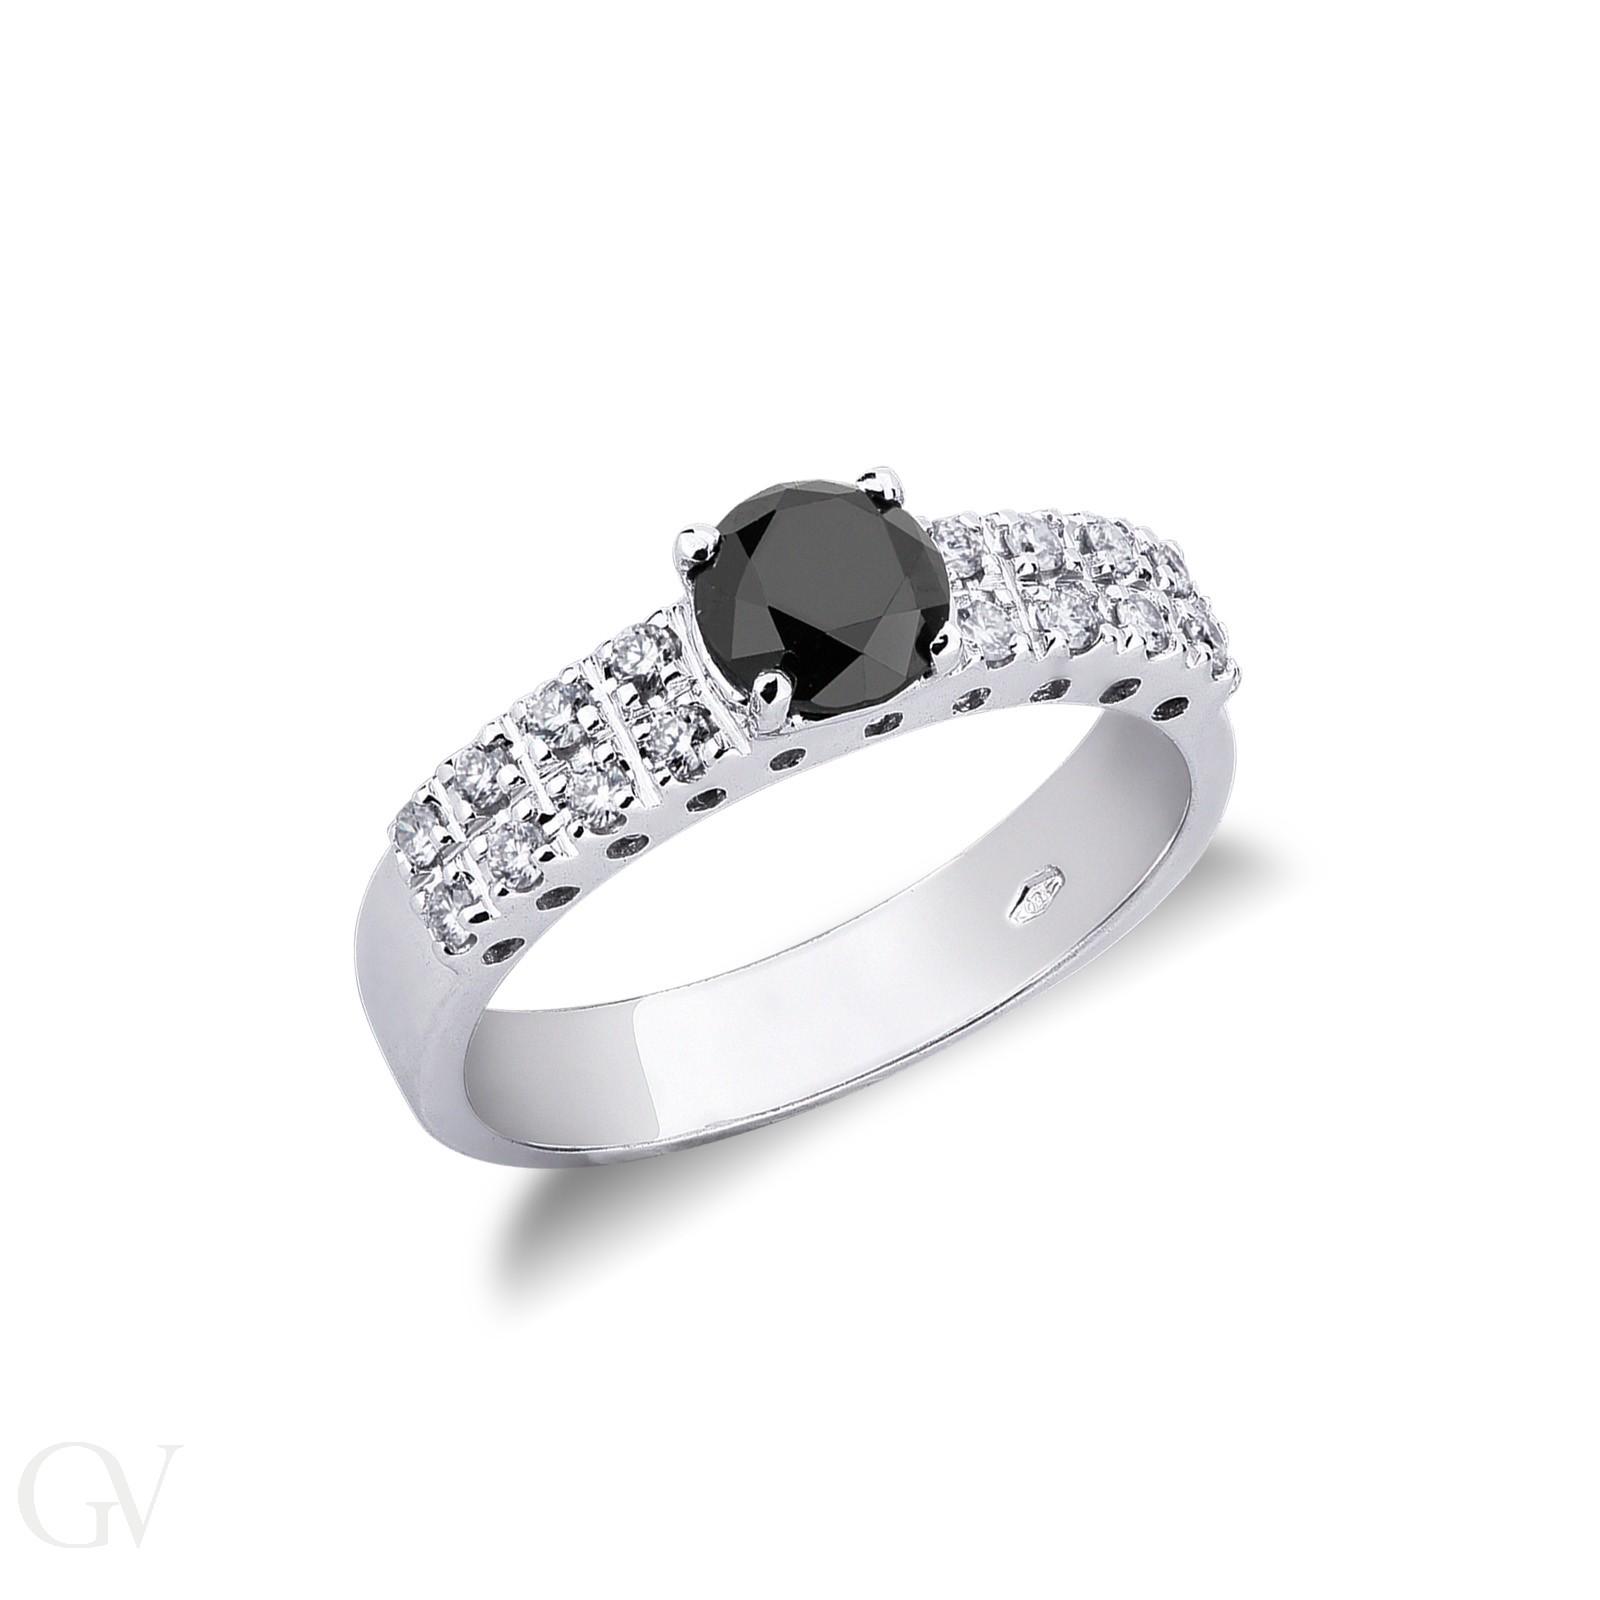 Anello Fascia in Oro bianco 18k con Diamante nero e bianchi